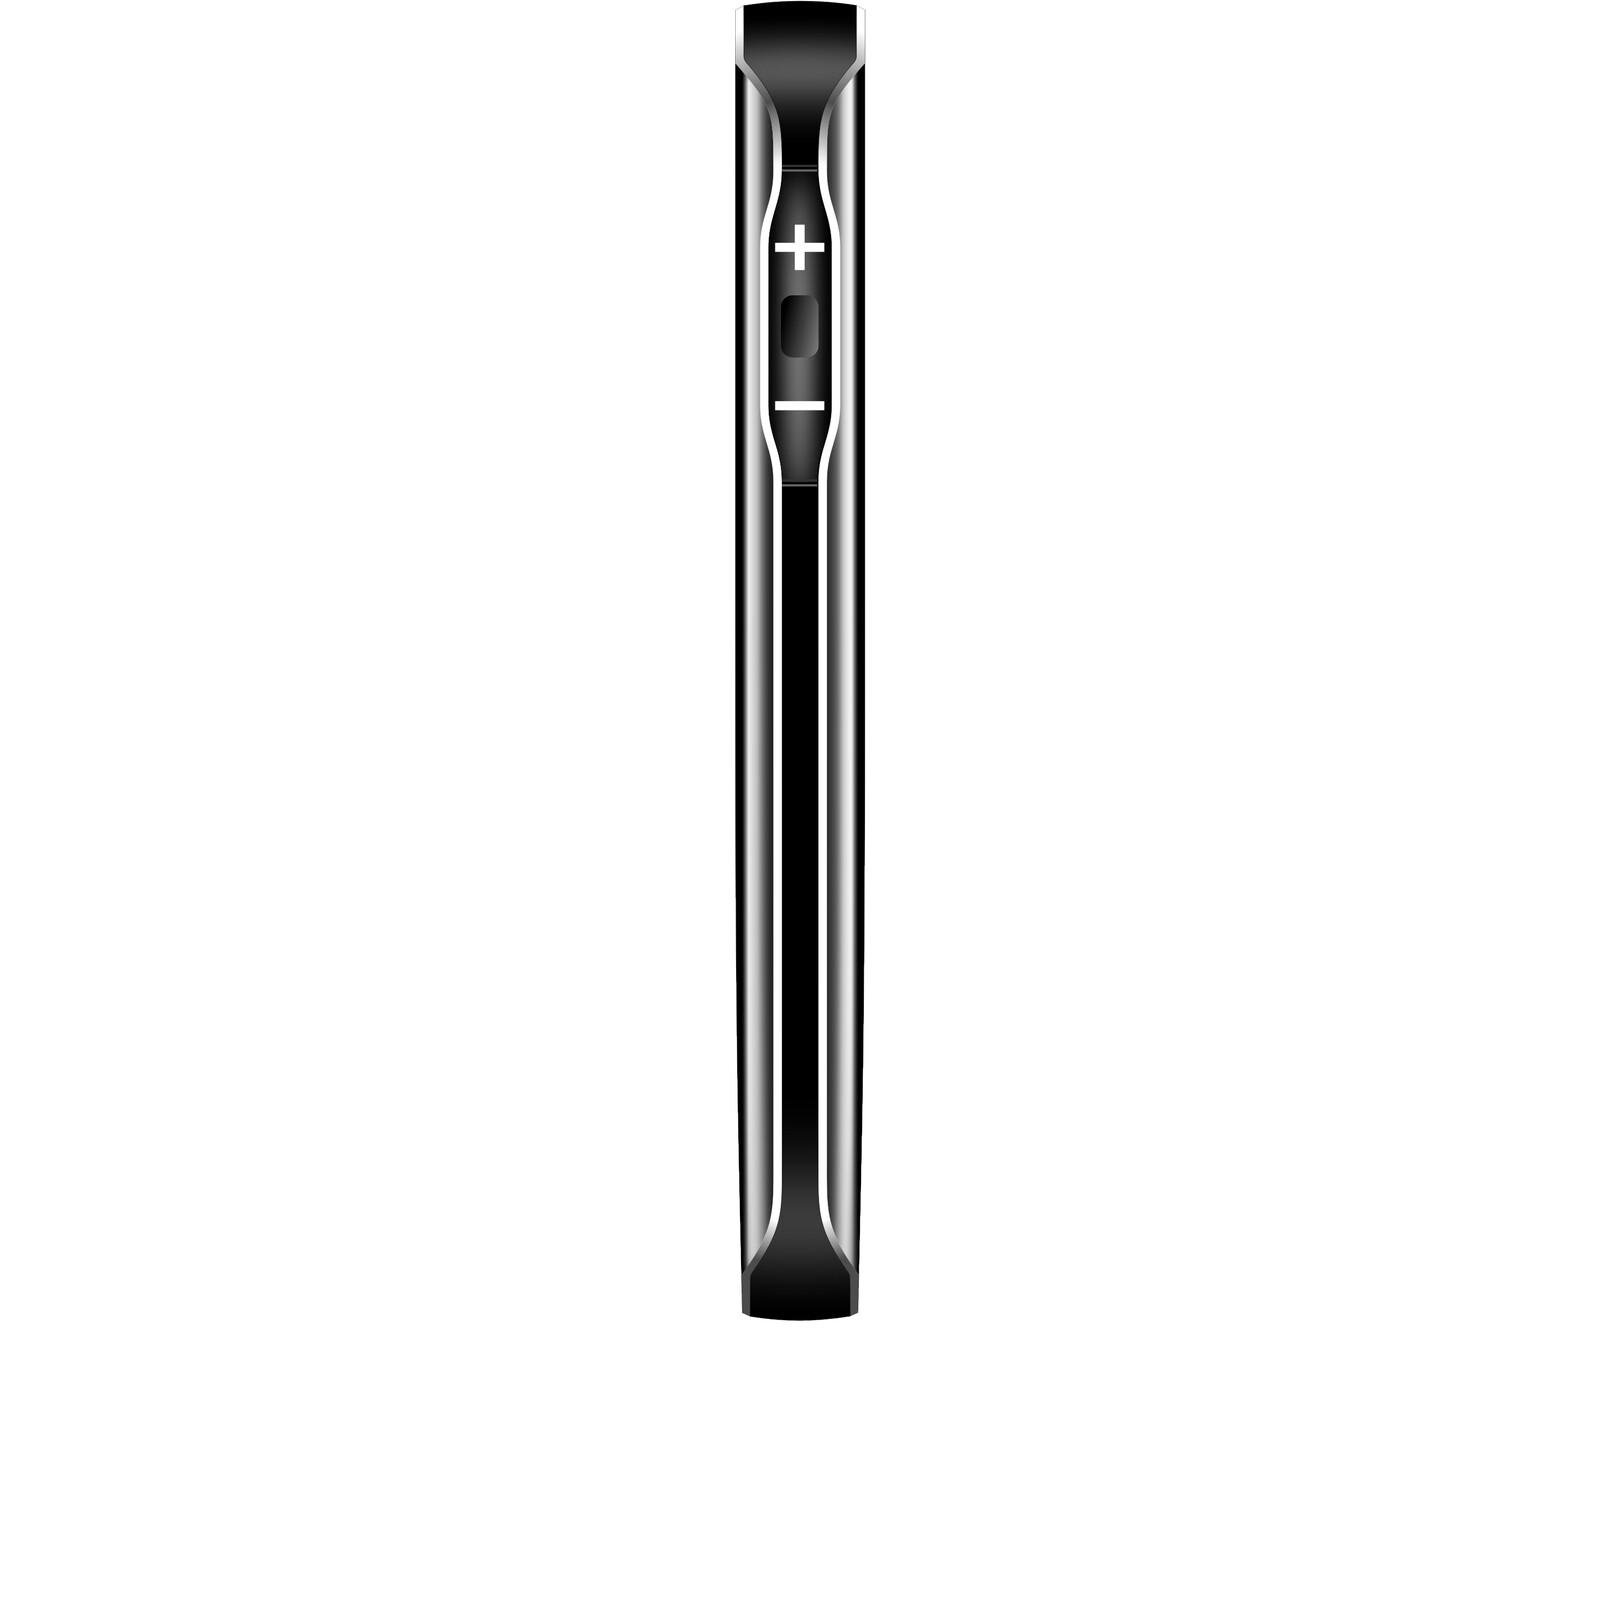 Beafon SL 250 silver black